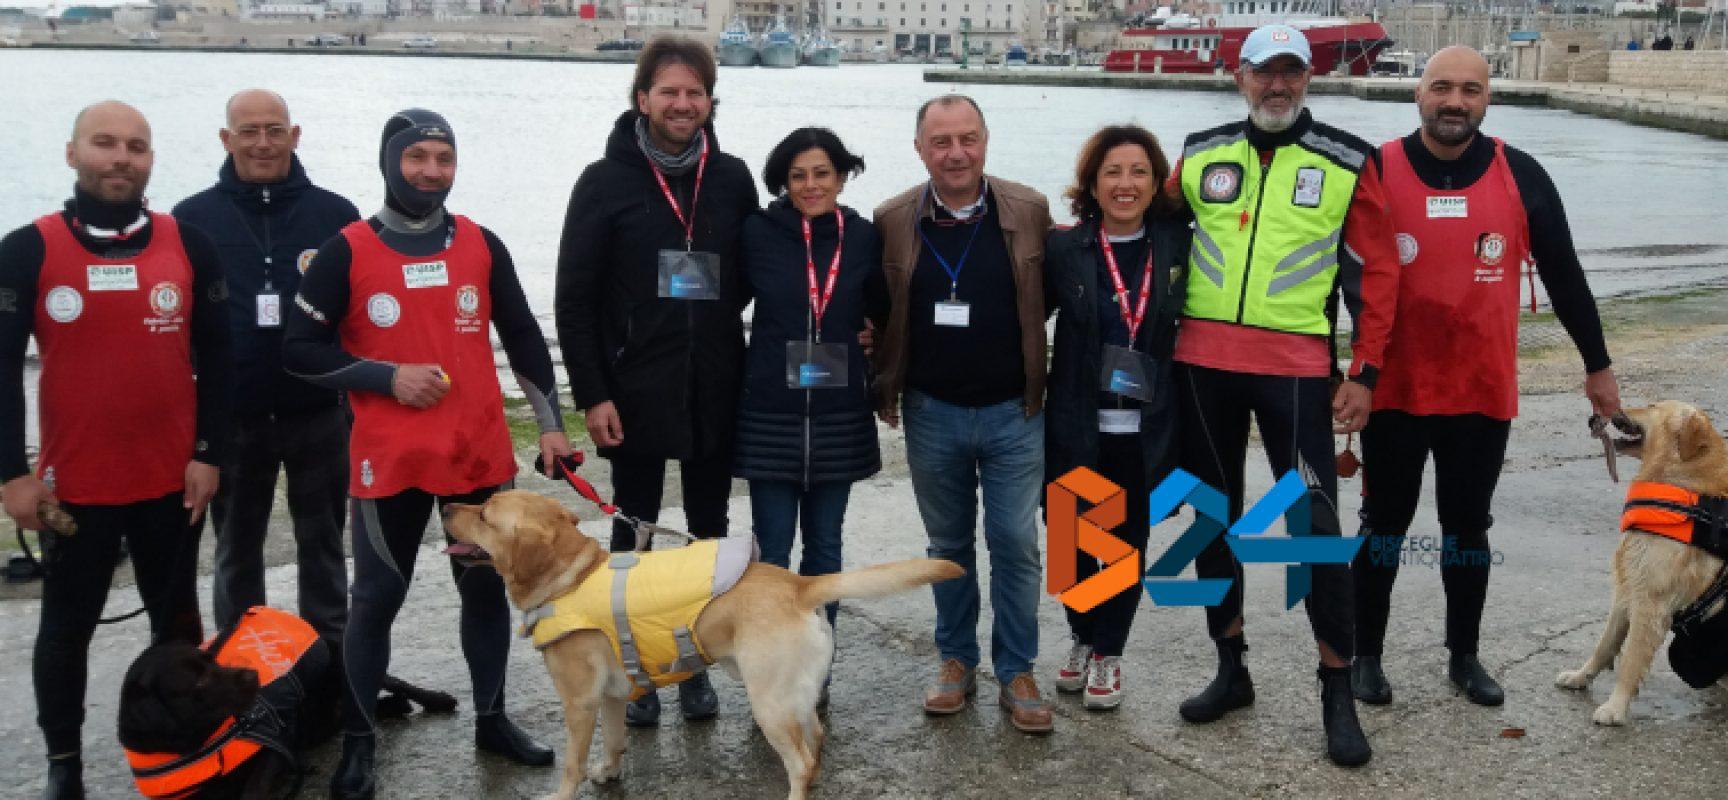 Scuola Cani Salvataggio Nautico, domenica a Bisceglie la prima lezione / DETTAGLI